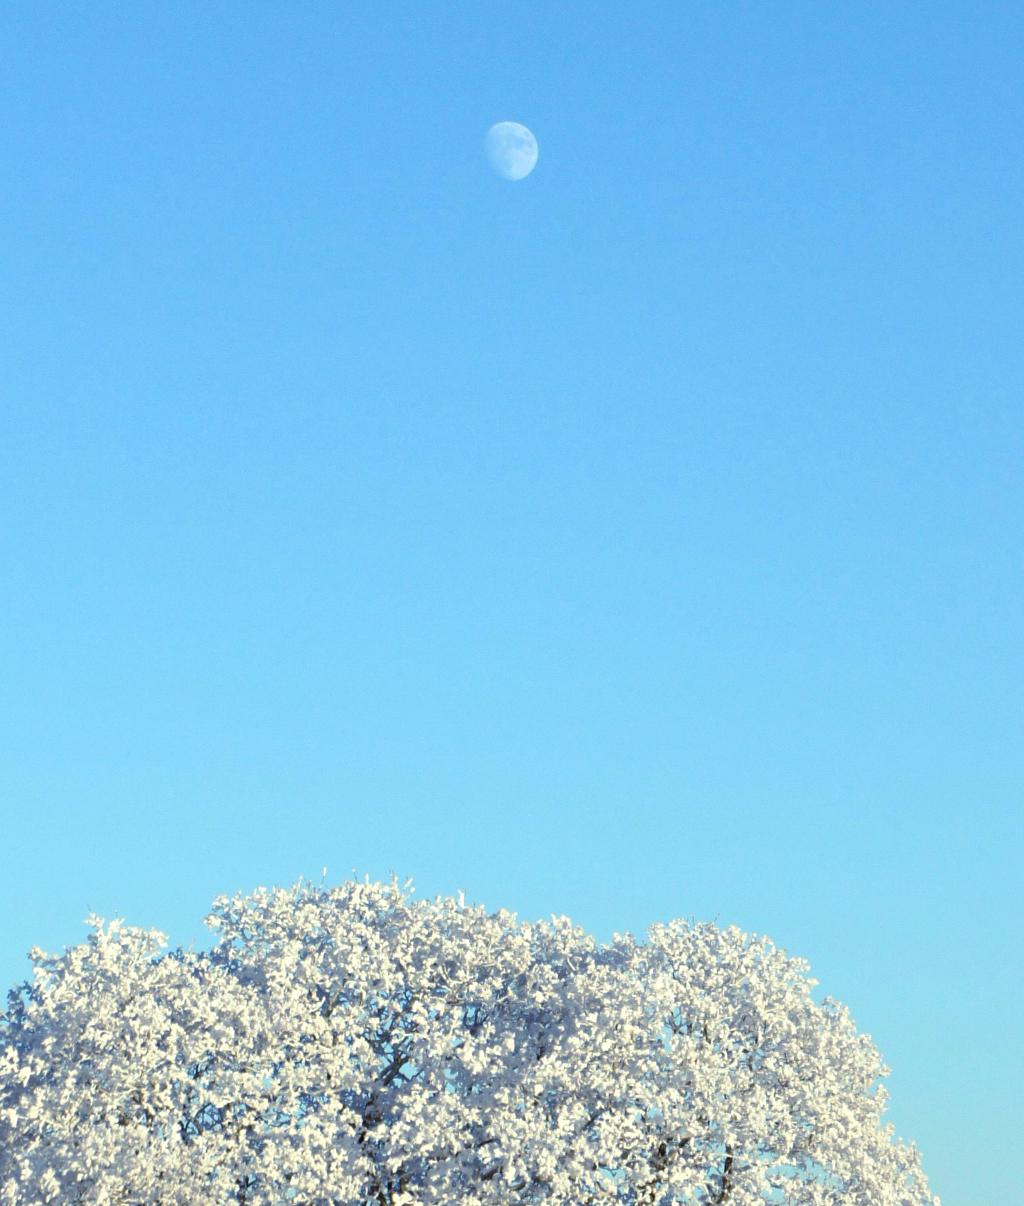 340. Vinter